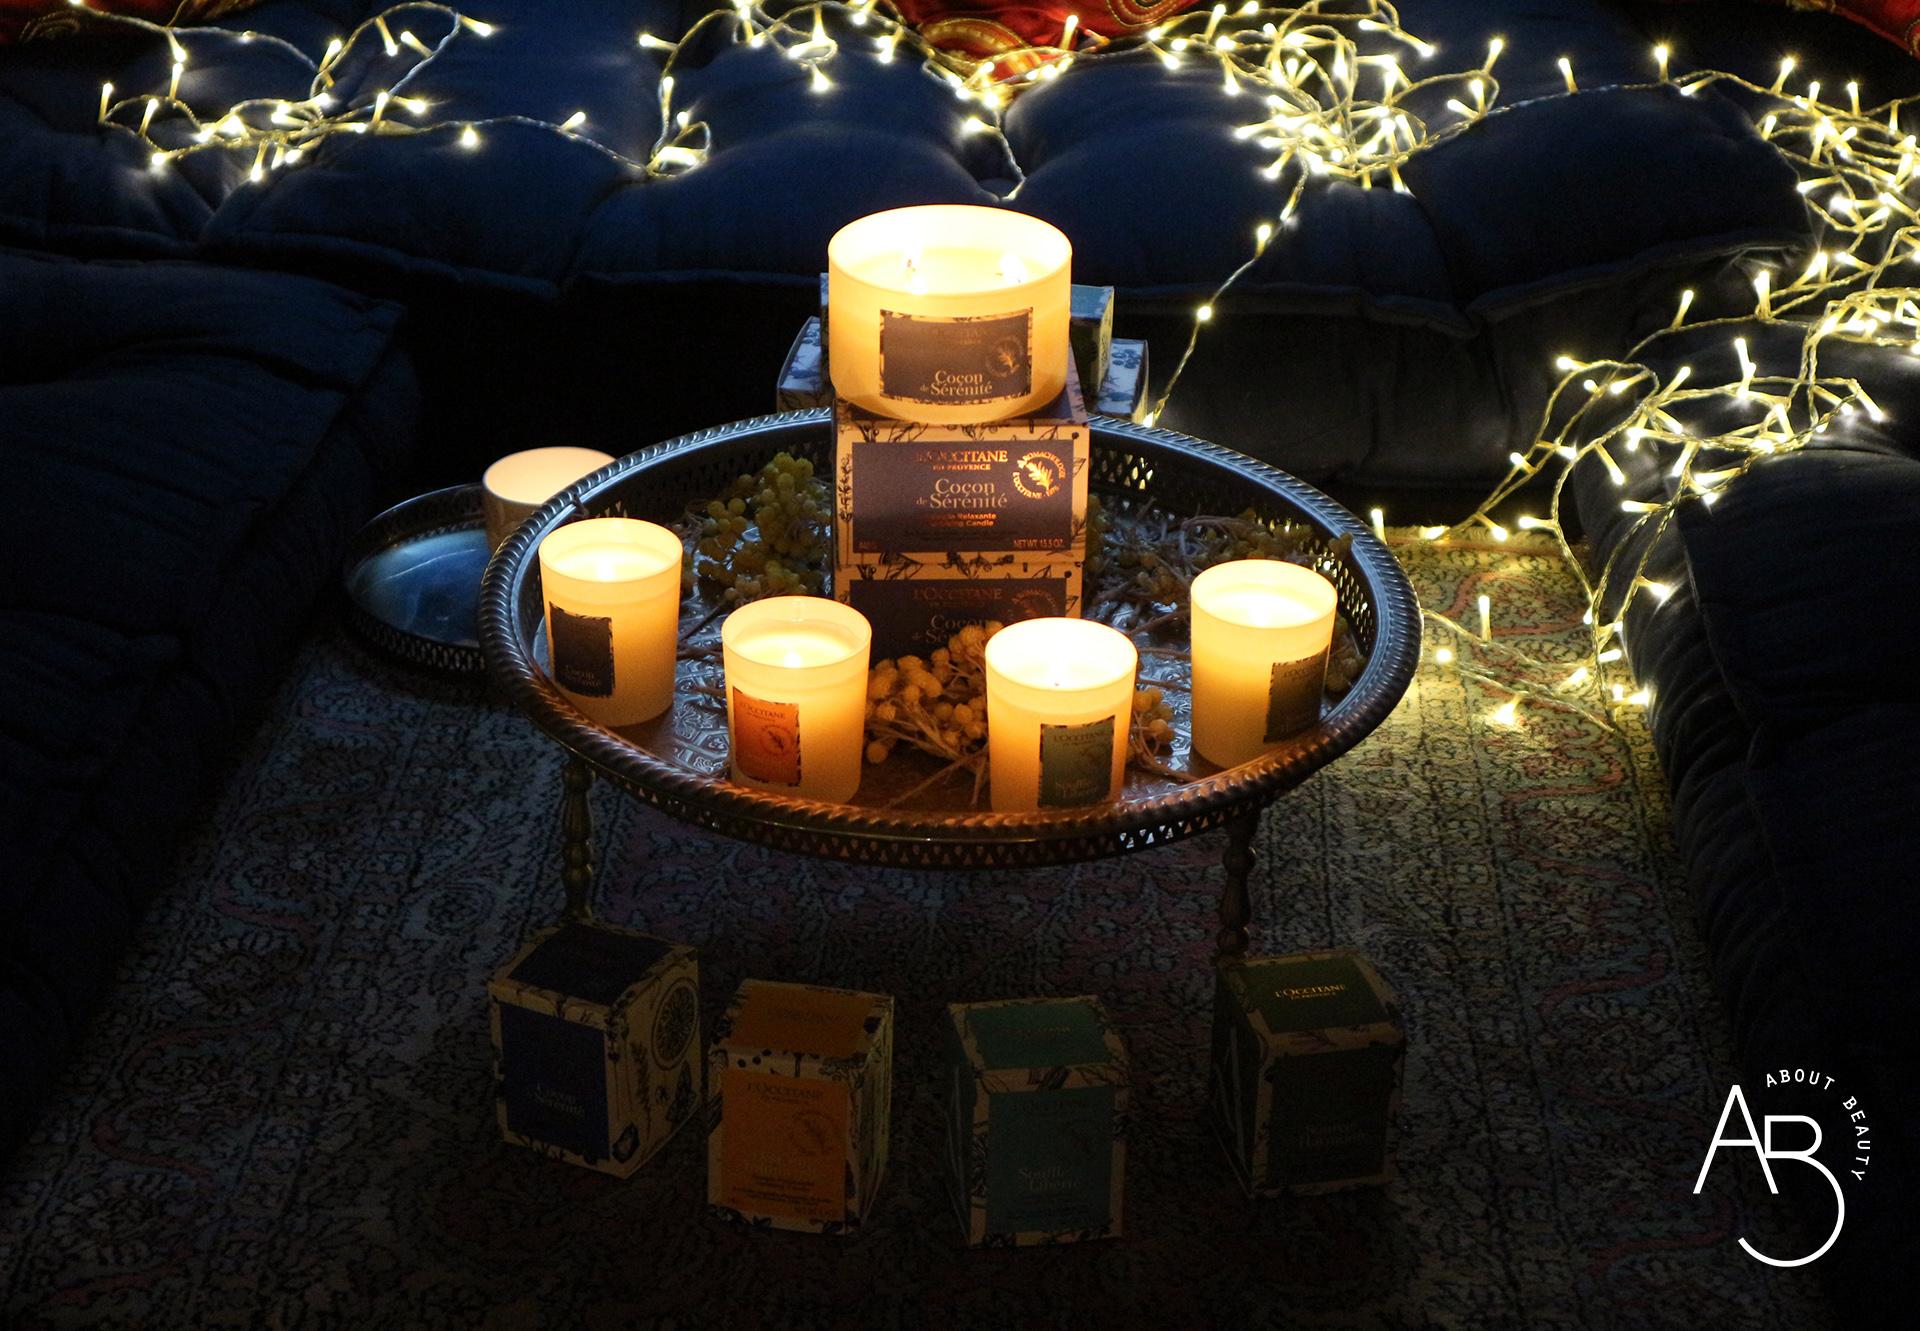 Novita L'Occitane Natale 2019 - Info foto opinioni recensioni review profumi calendari avvento prezzo cofanetti idee regalo - candele